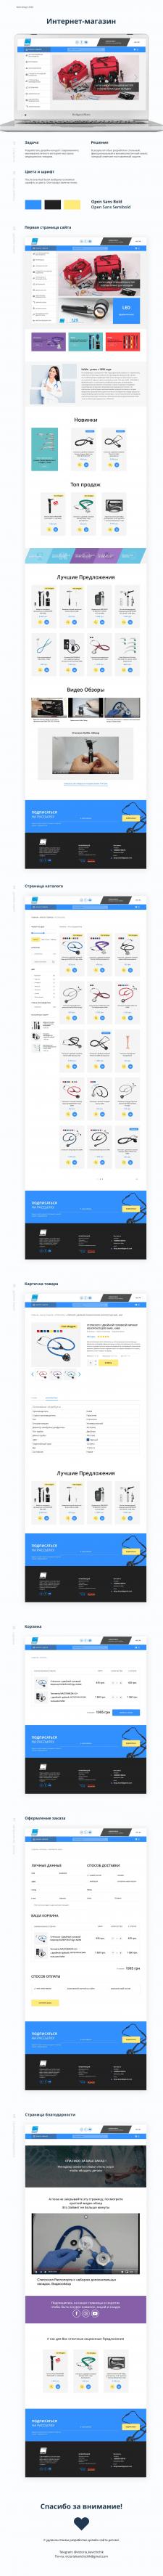 #Дизайн интернет-магазина медицинских товаров